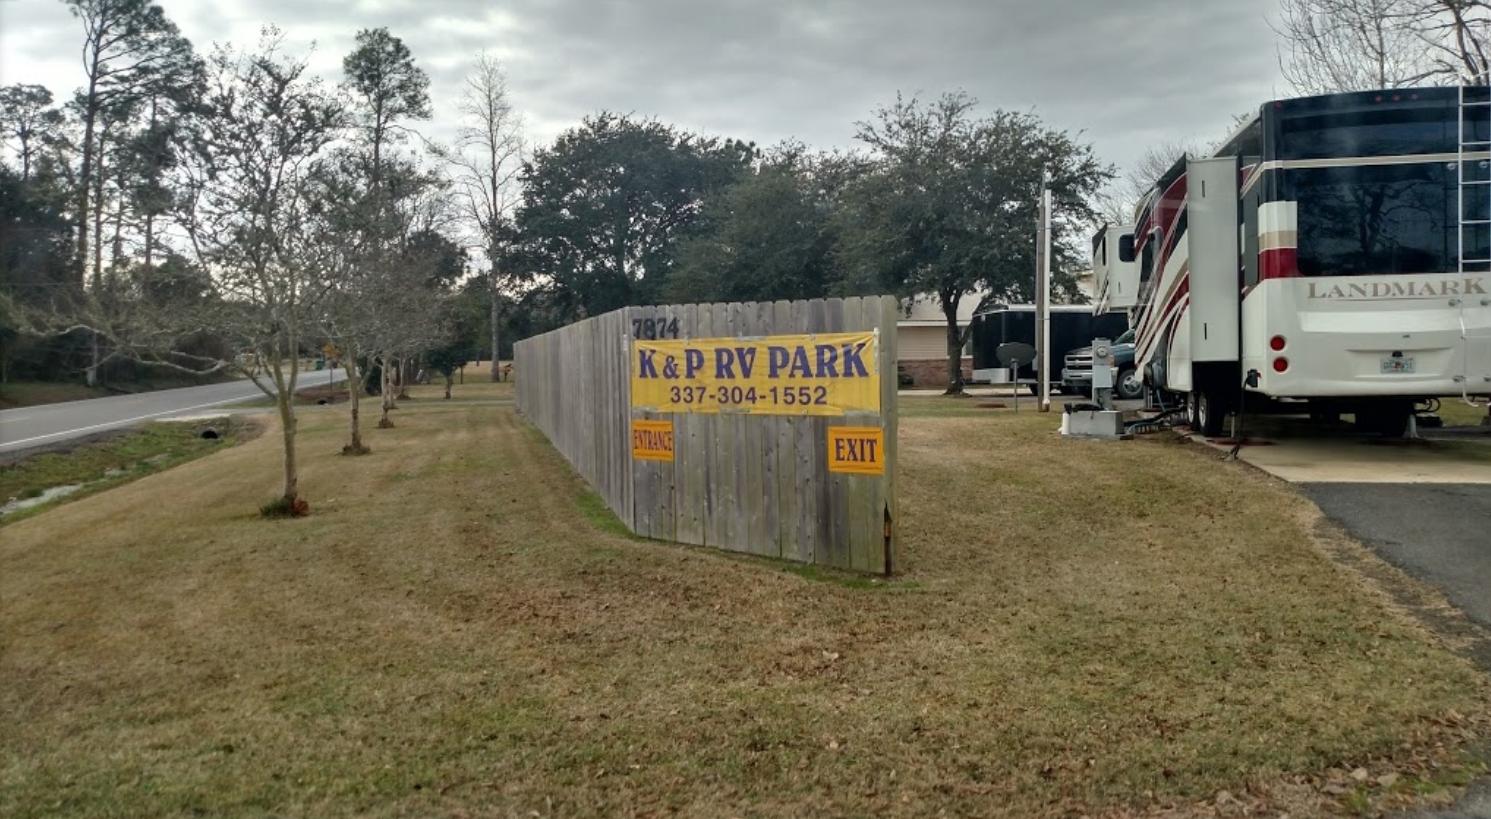 KP RV Park